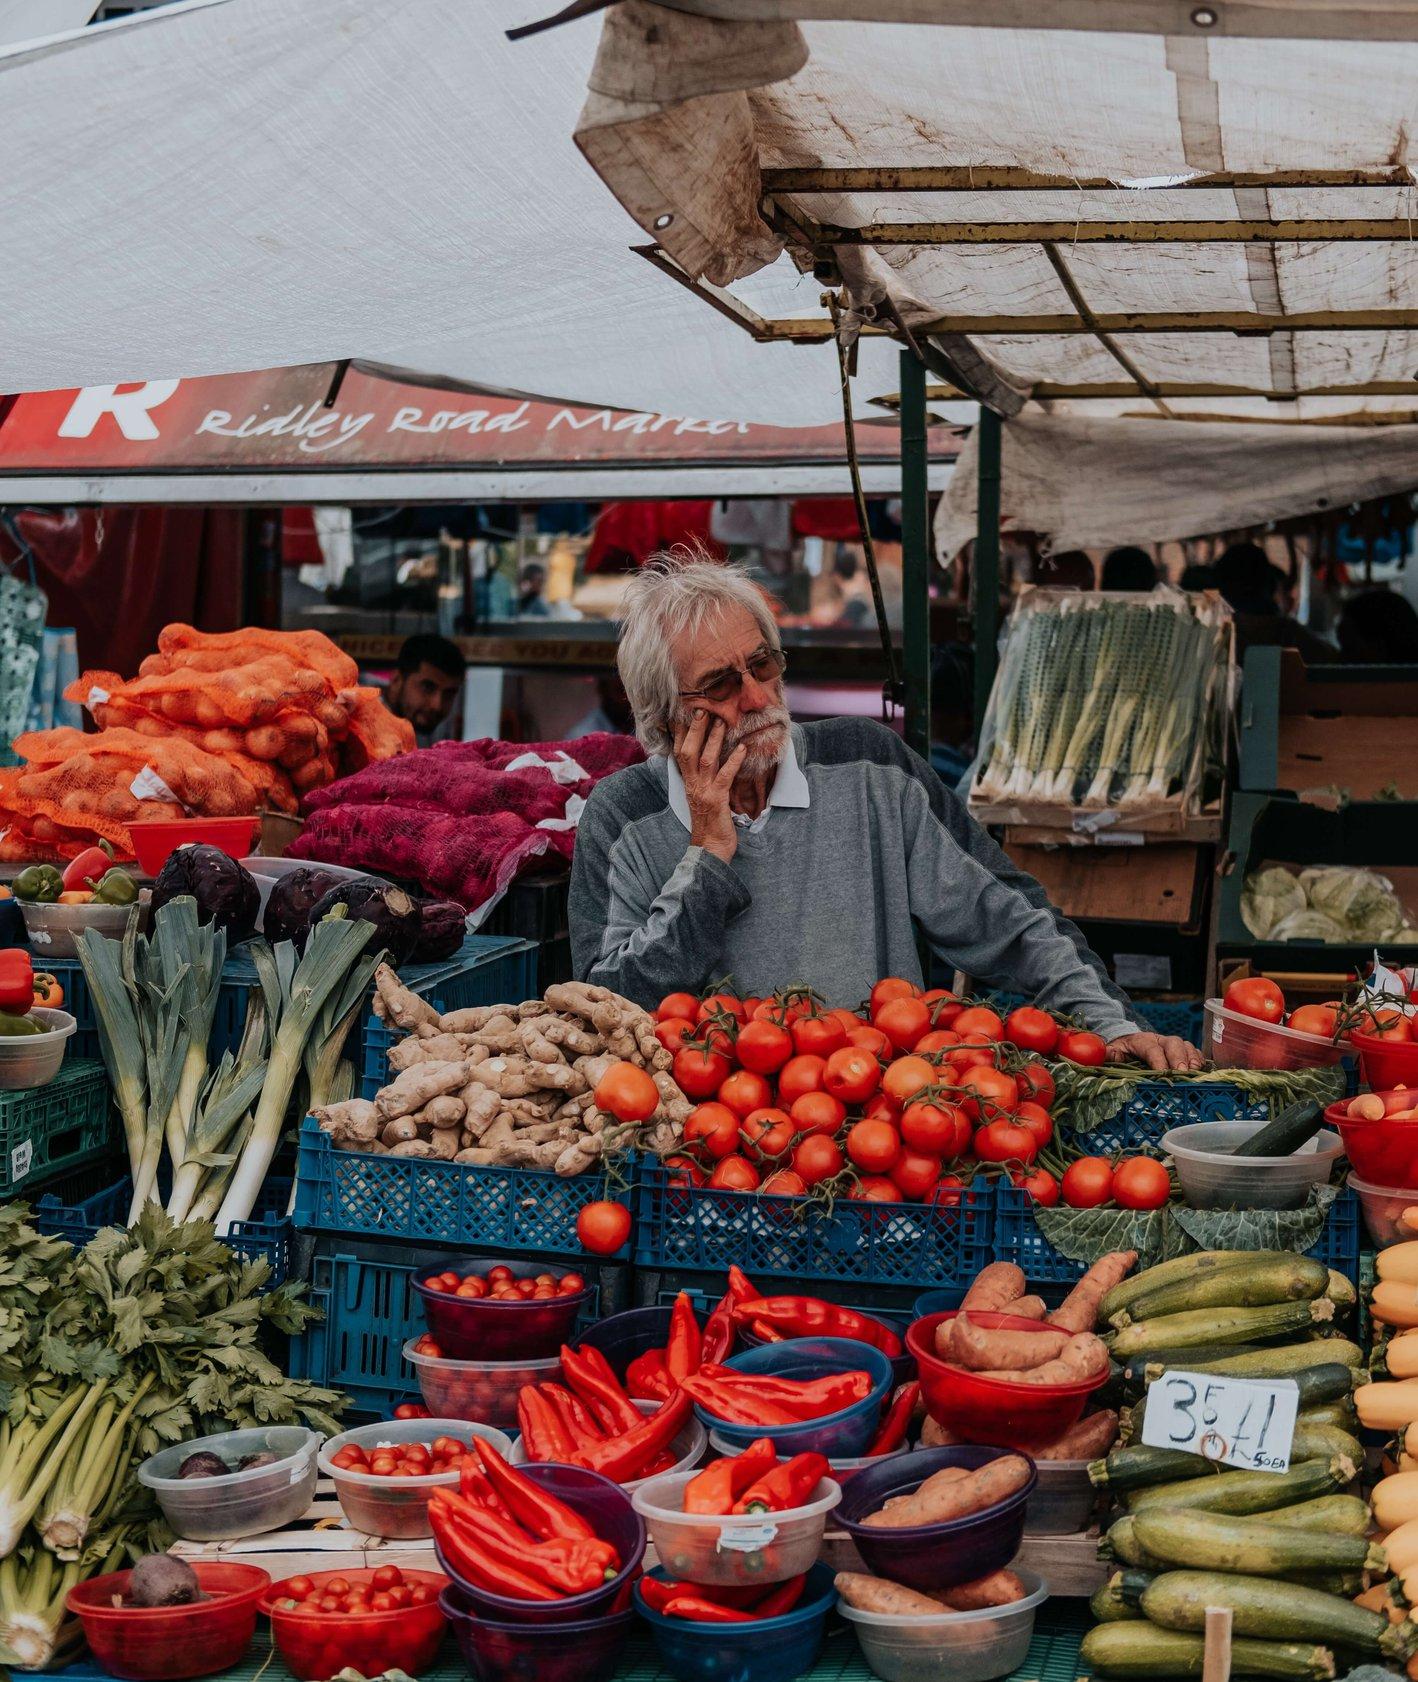 Zakupy na lokalnym markecie warzywnym (fot. Brunel Johnson)